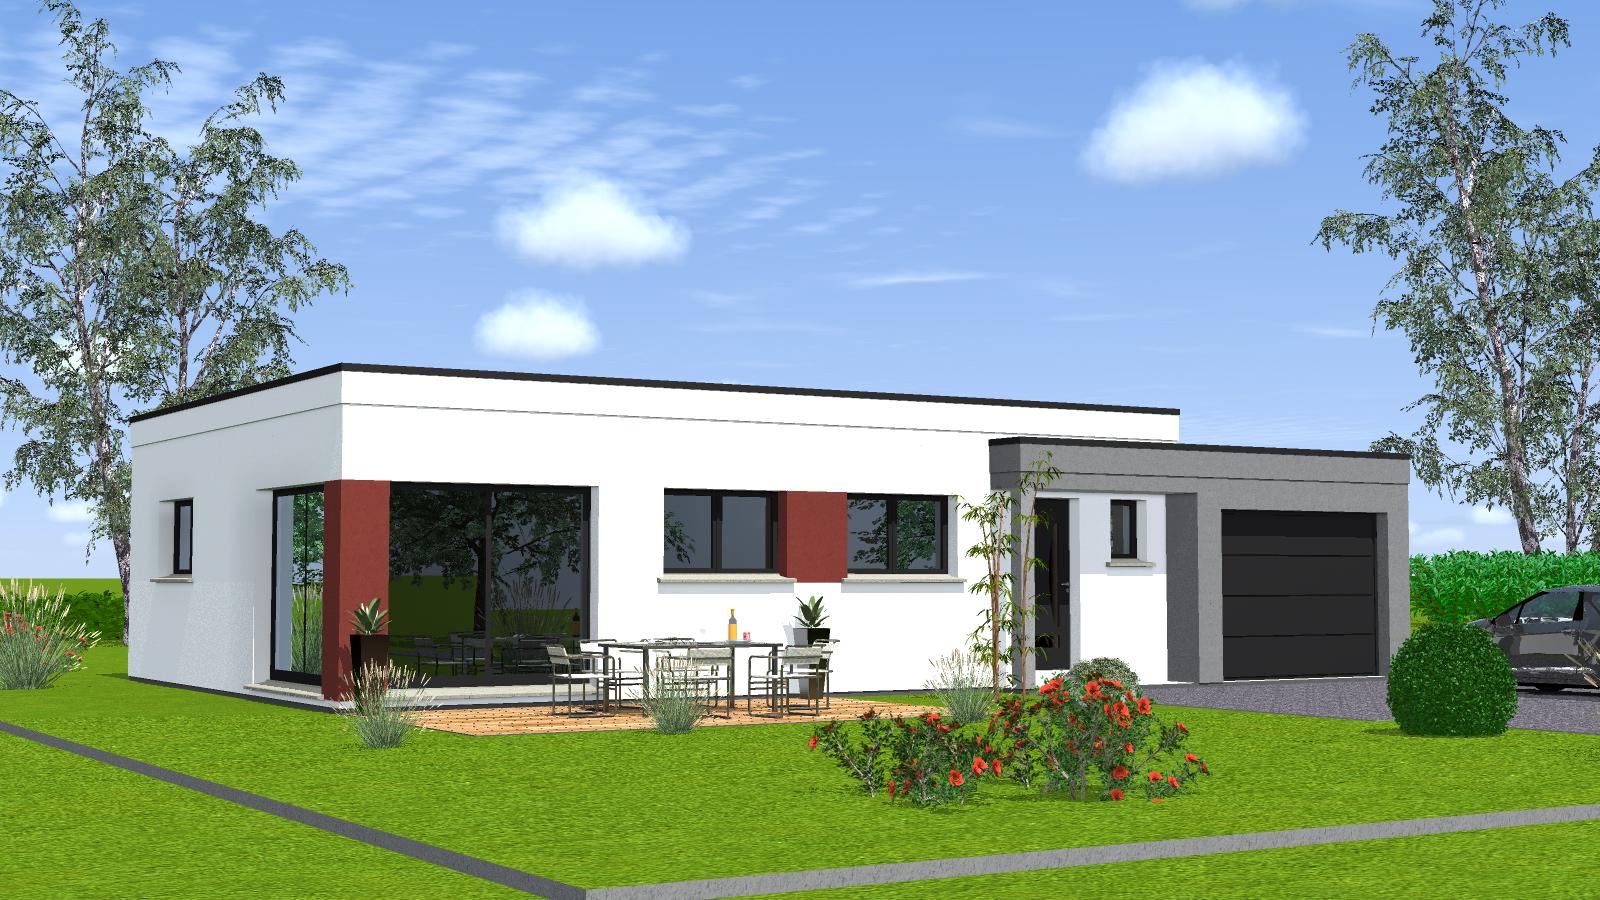 Construction Toit Plat Alsace Maisons Begi Maisons Begimaisons Begi